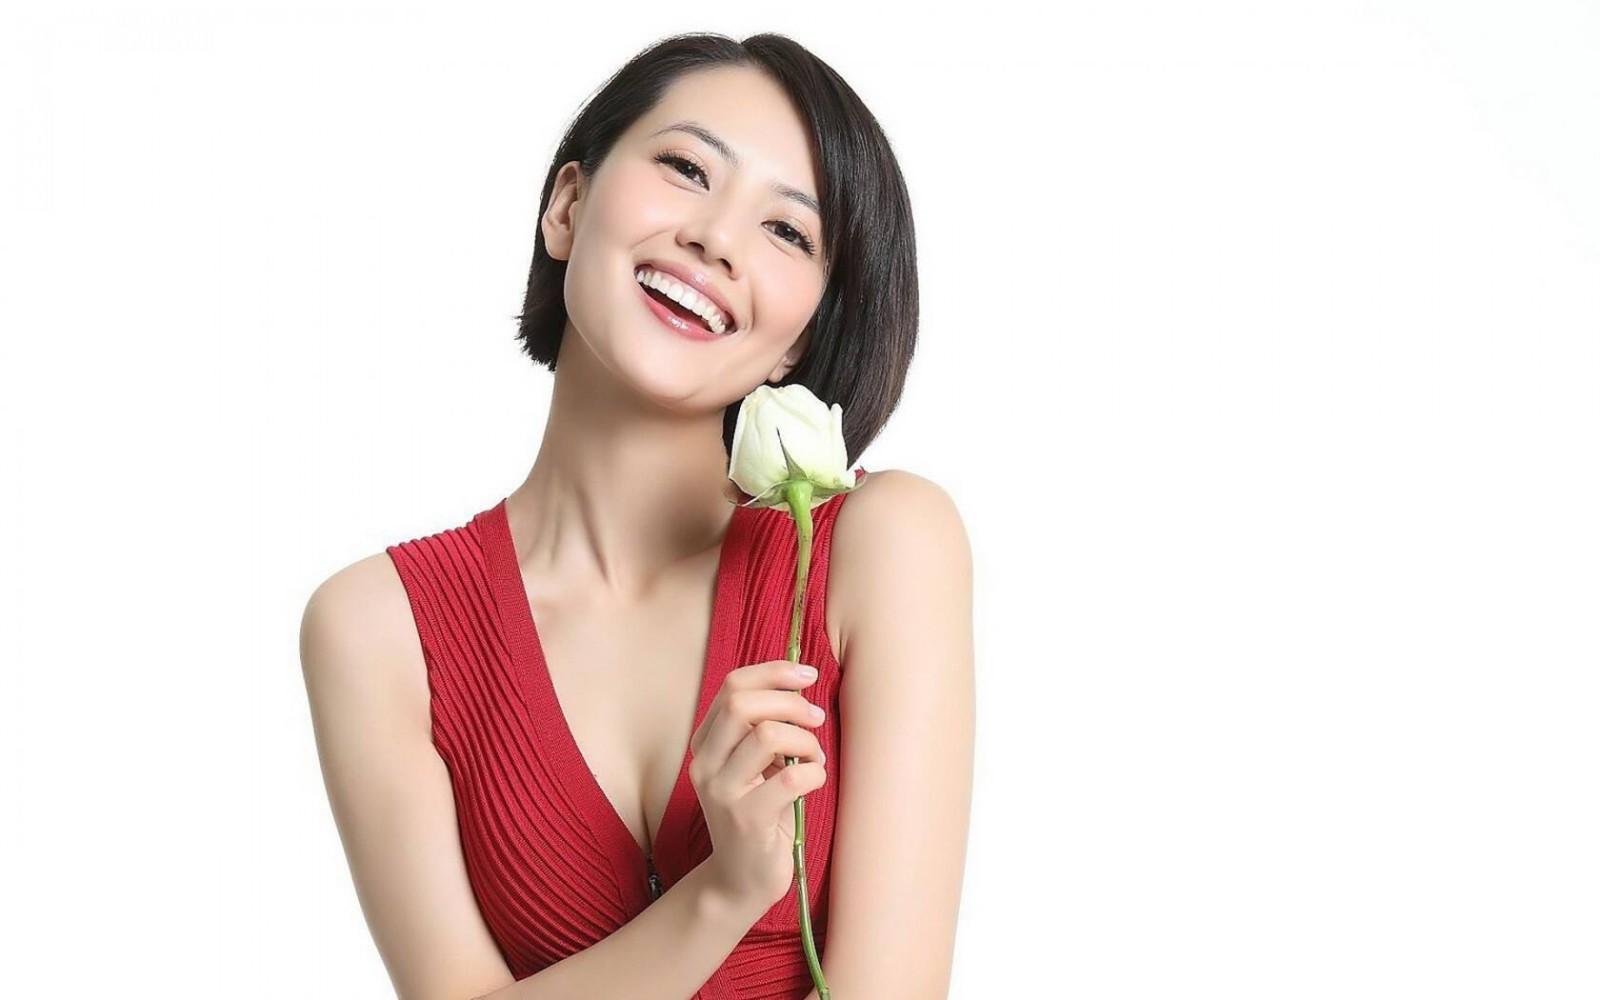 高圆圆-如玫瑰一般的女人壁纸图片